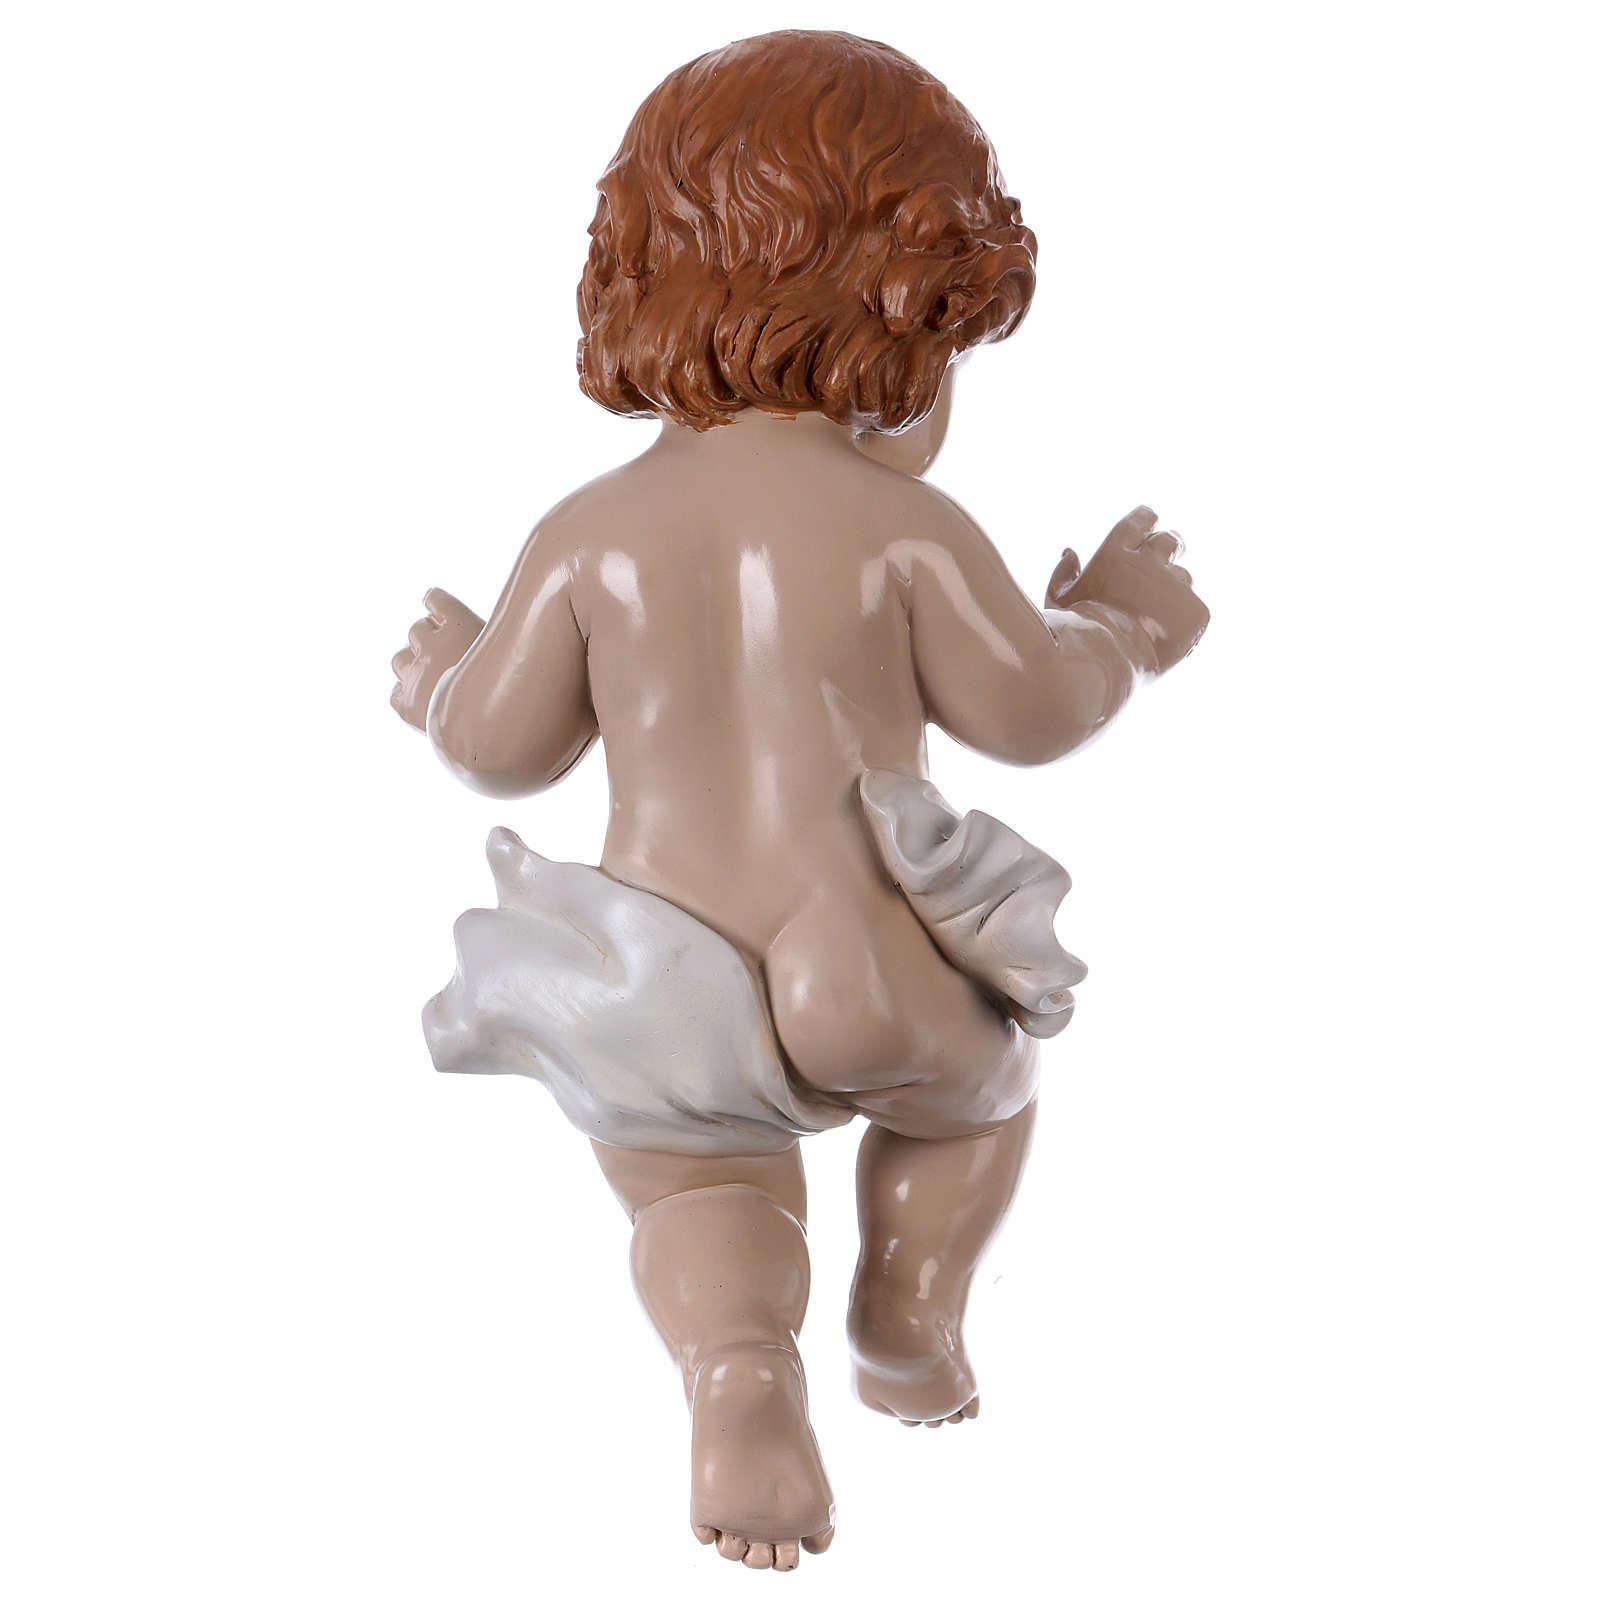 Dzieciątko Jezus figura do szopki h rzeczywista 30 cm żywica 3